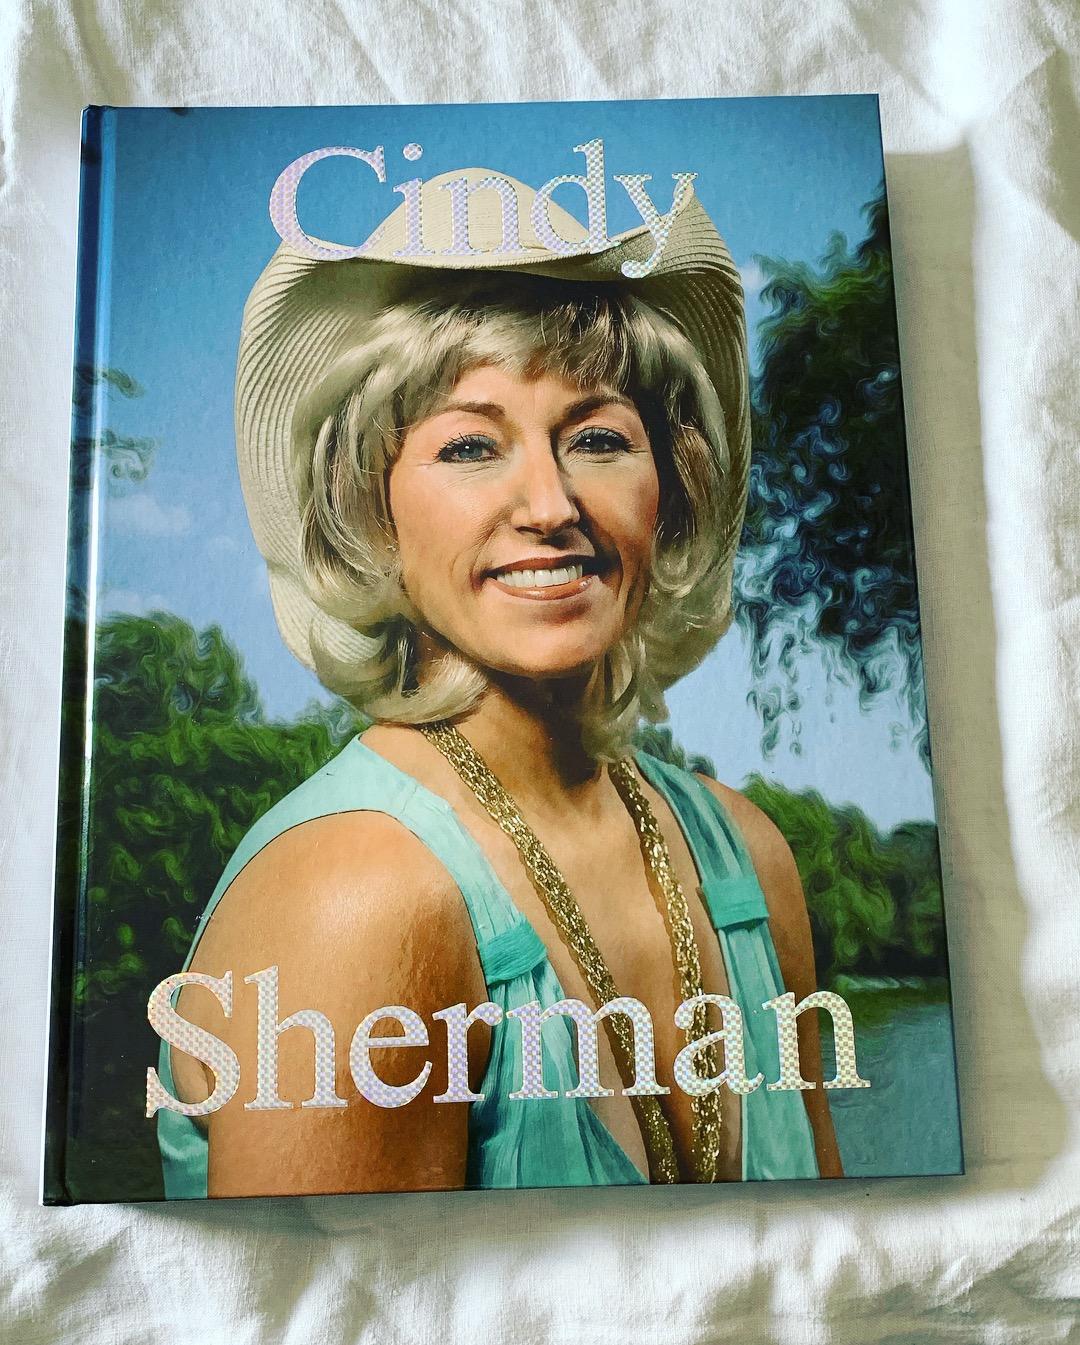 CINDY SHERMAN BOOK